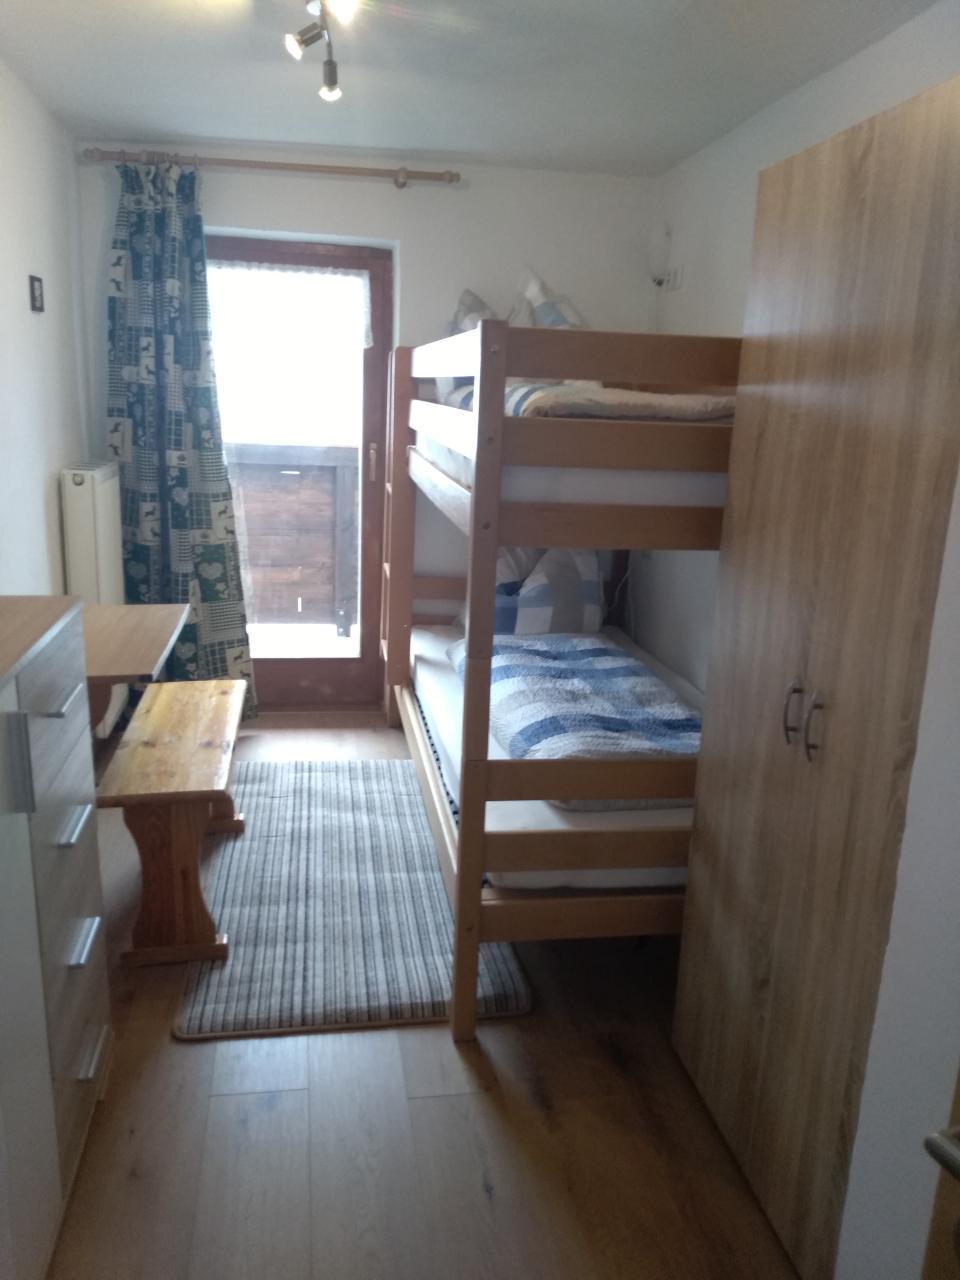 Appartement de vacances Haus Sonnenalm (730061), St. Sigmund im Sellrain, Innsbruck, Tyrol, Autriche, image 10